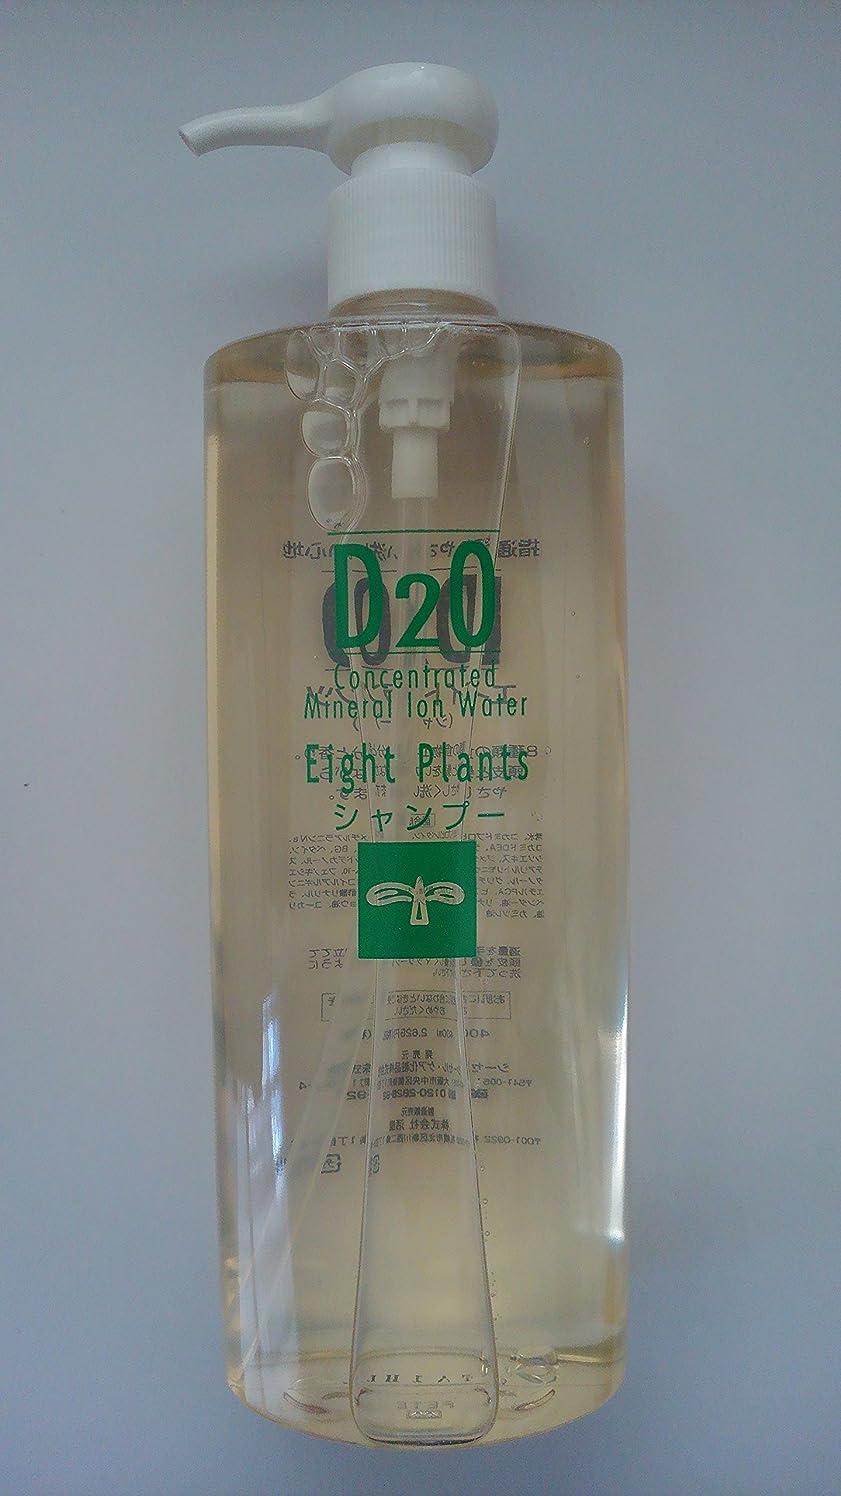 構成郵便番号濃度D2O(ディー?ツー?オー)エイトプランツ(シャンプー) 400ml